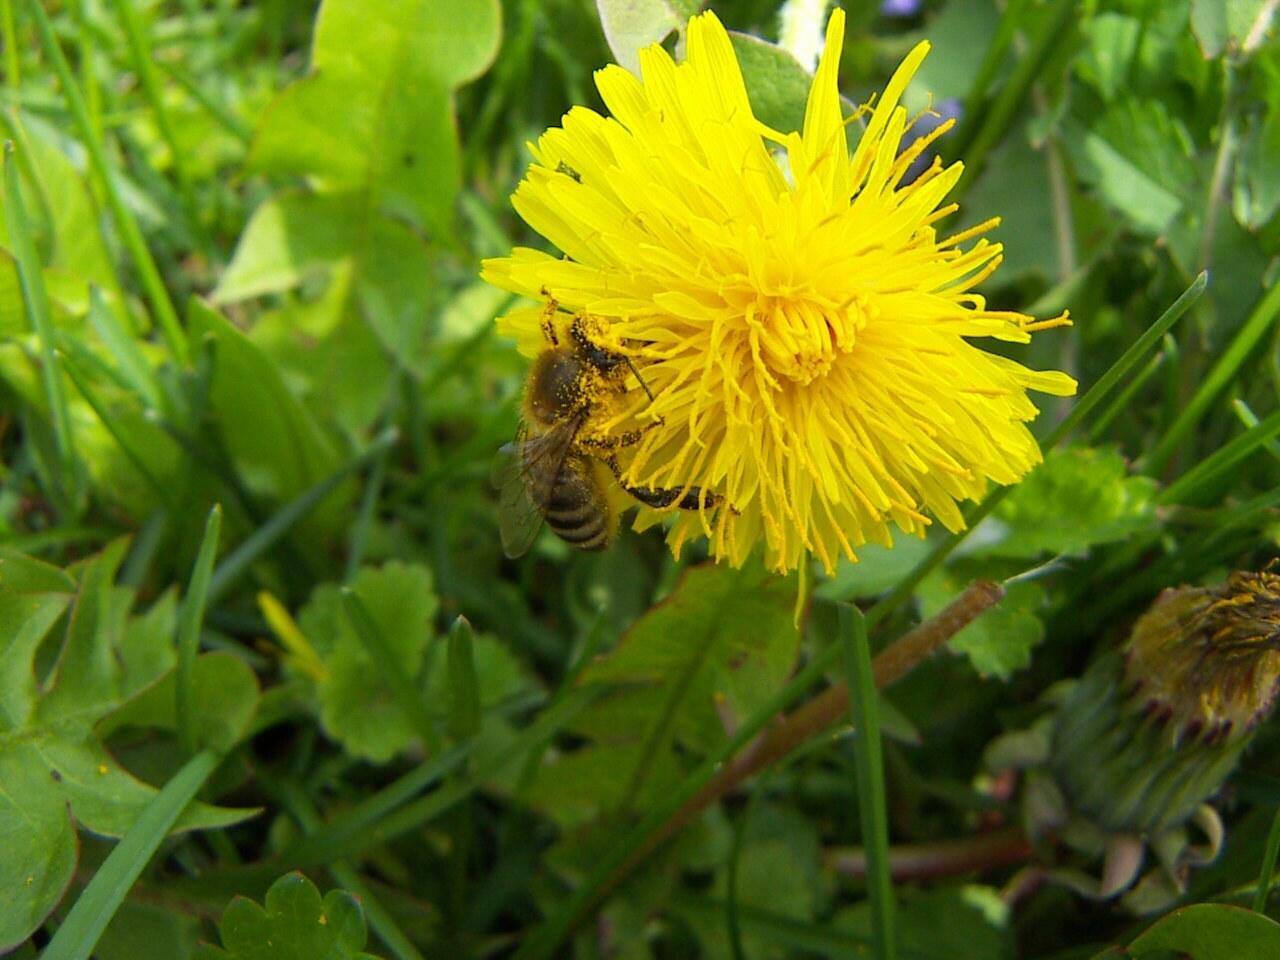 http://www.stavela.cz/osobni/fotogalerie/rostliny/stavela_cz_pampeliska.jpg